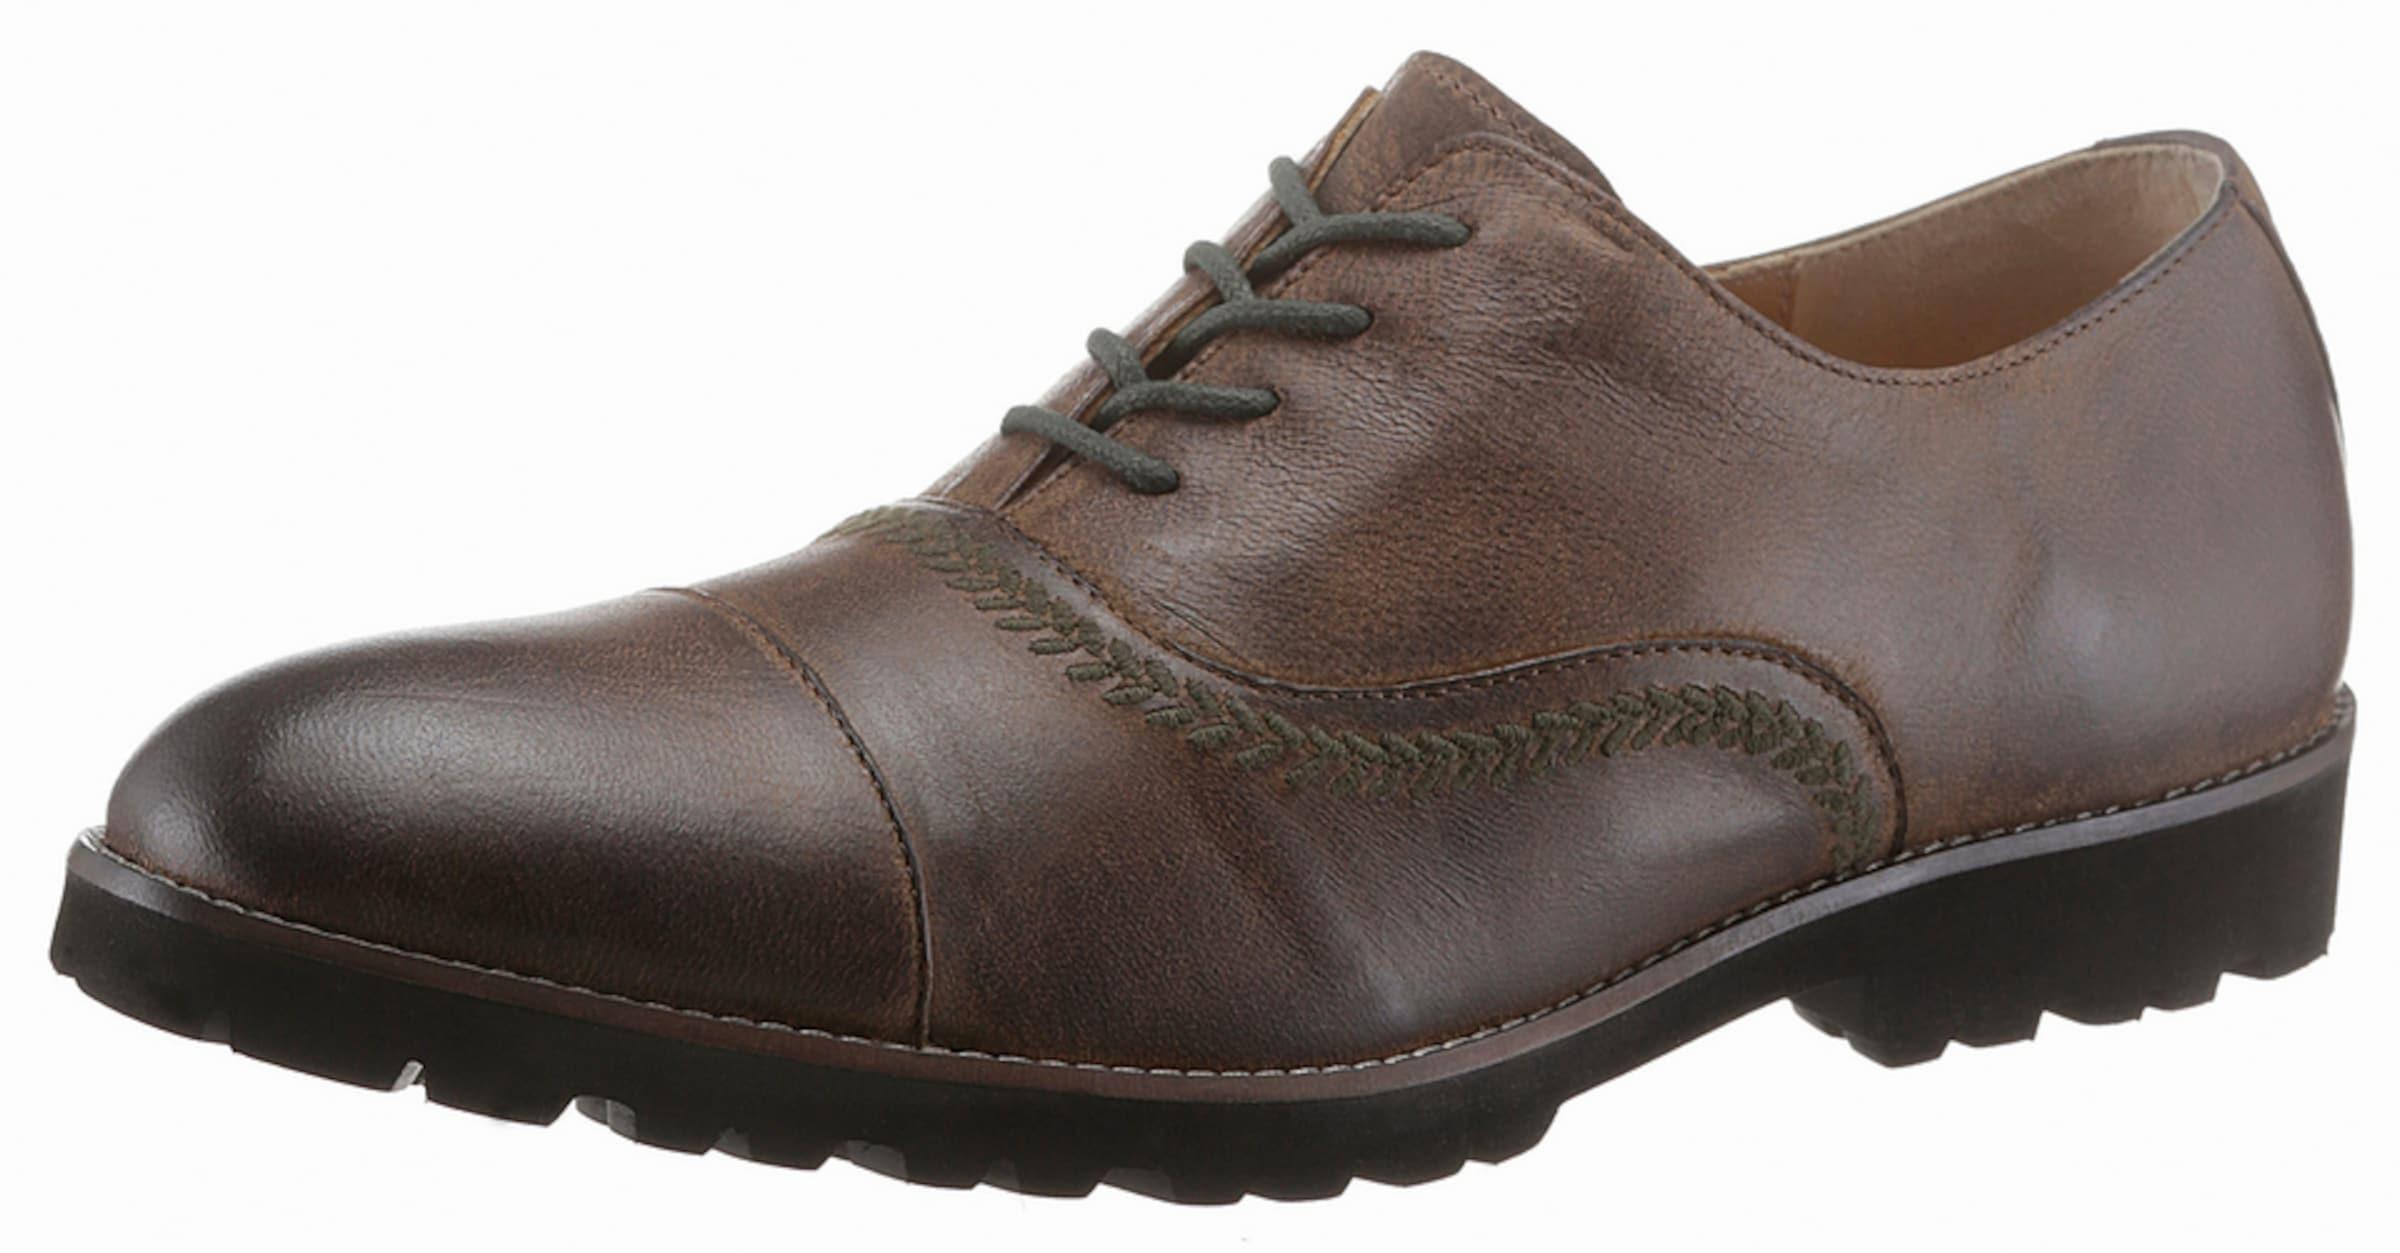 SPIETH & WENSKY | Trachtenschuh Trachtenschuh | Herren mit Stickerei Schuhe Gut getragene Schuhe fec236